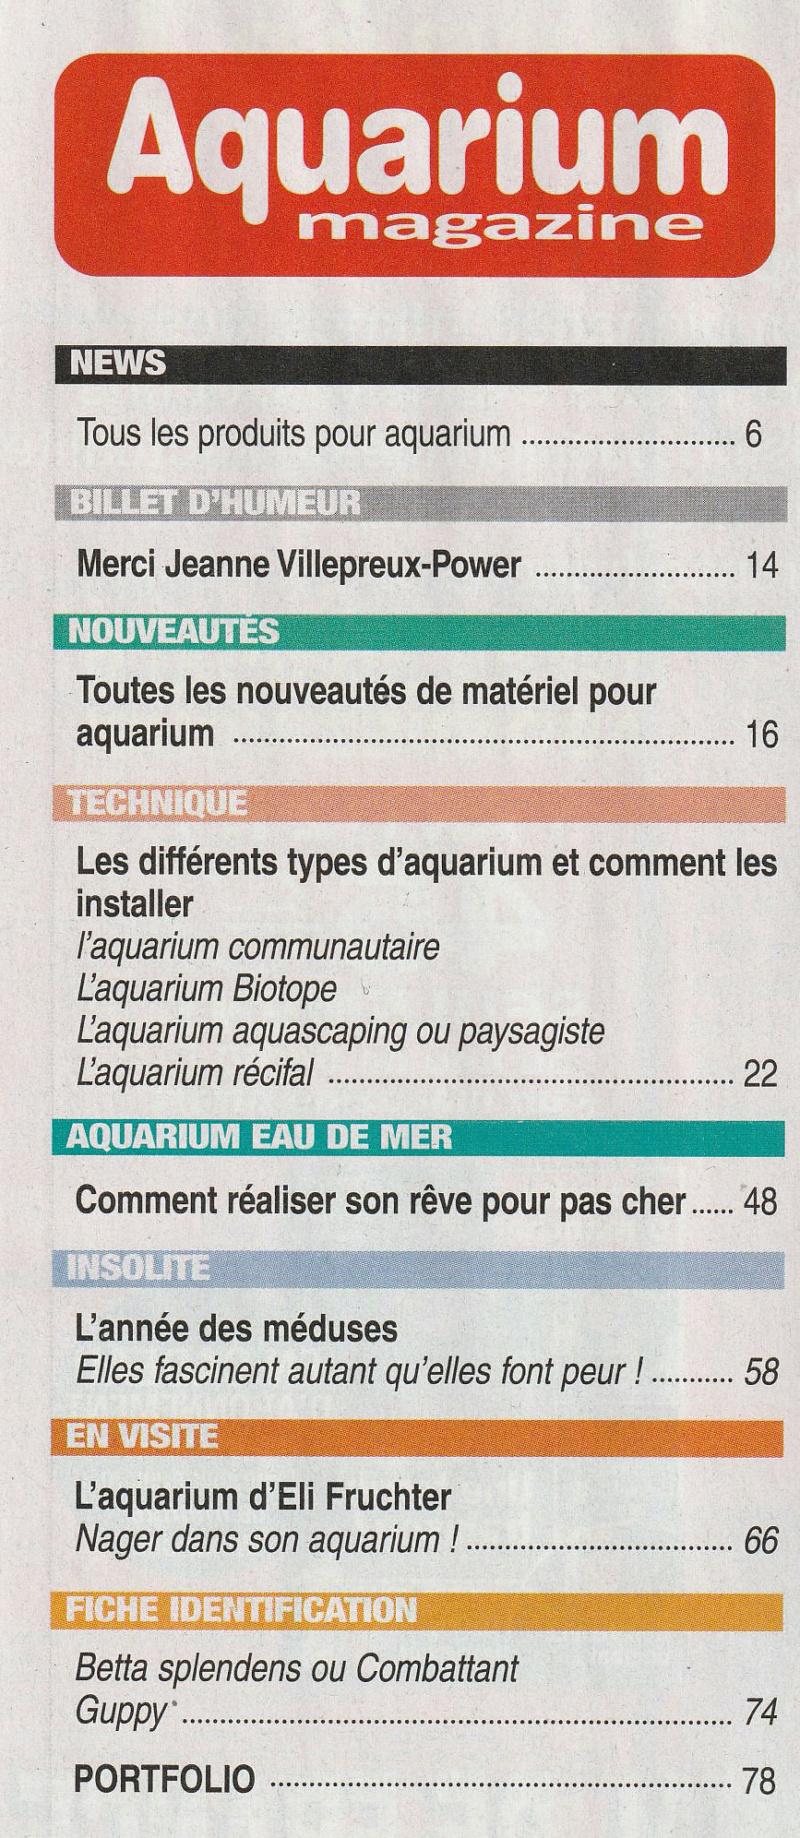 Nouveau magazine: Aquarium magazine Img_0030